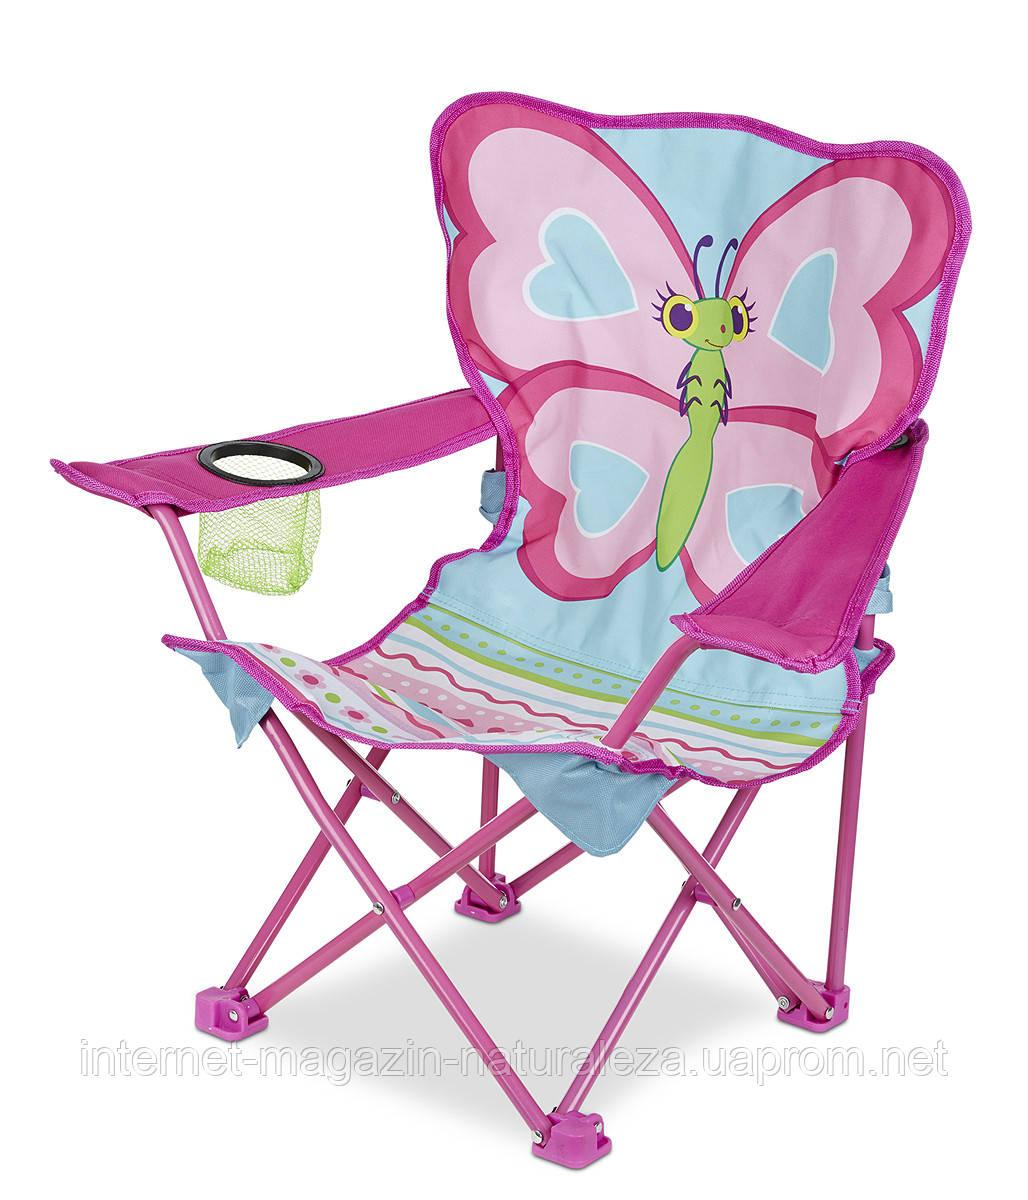 Раскладной детский стульчик Бабочка Белла Melissa&Doug